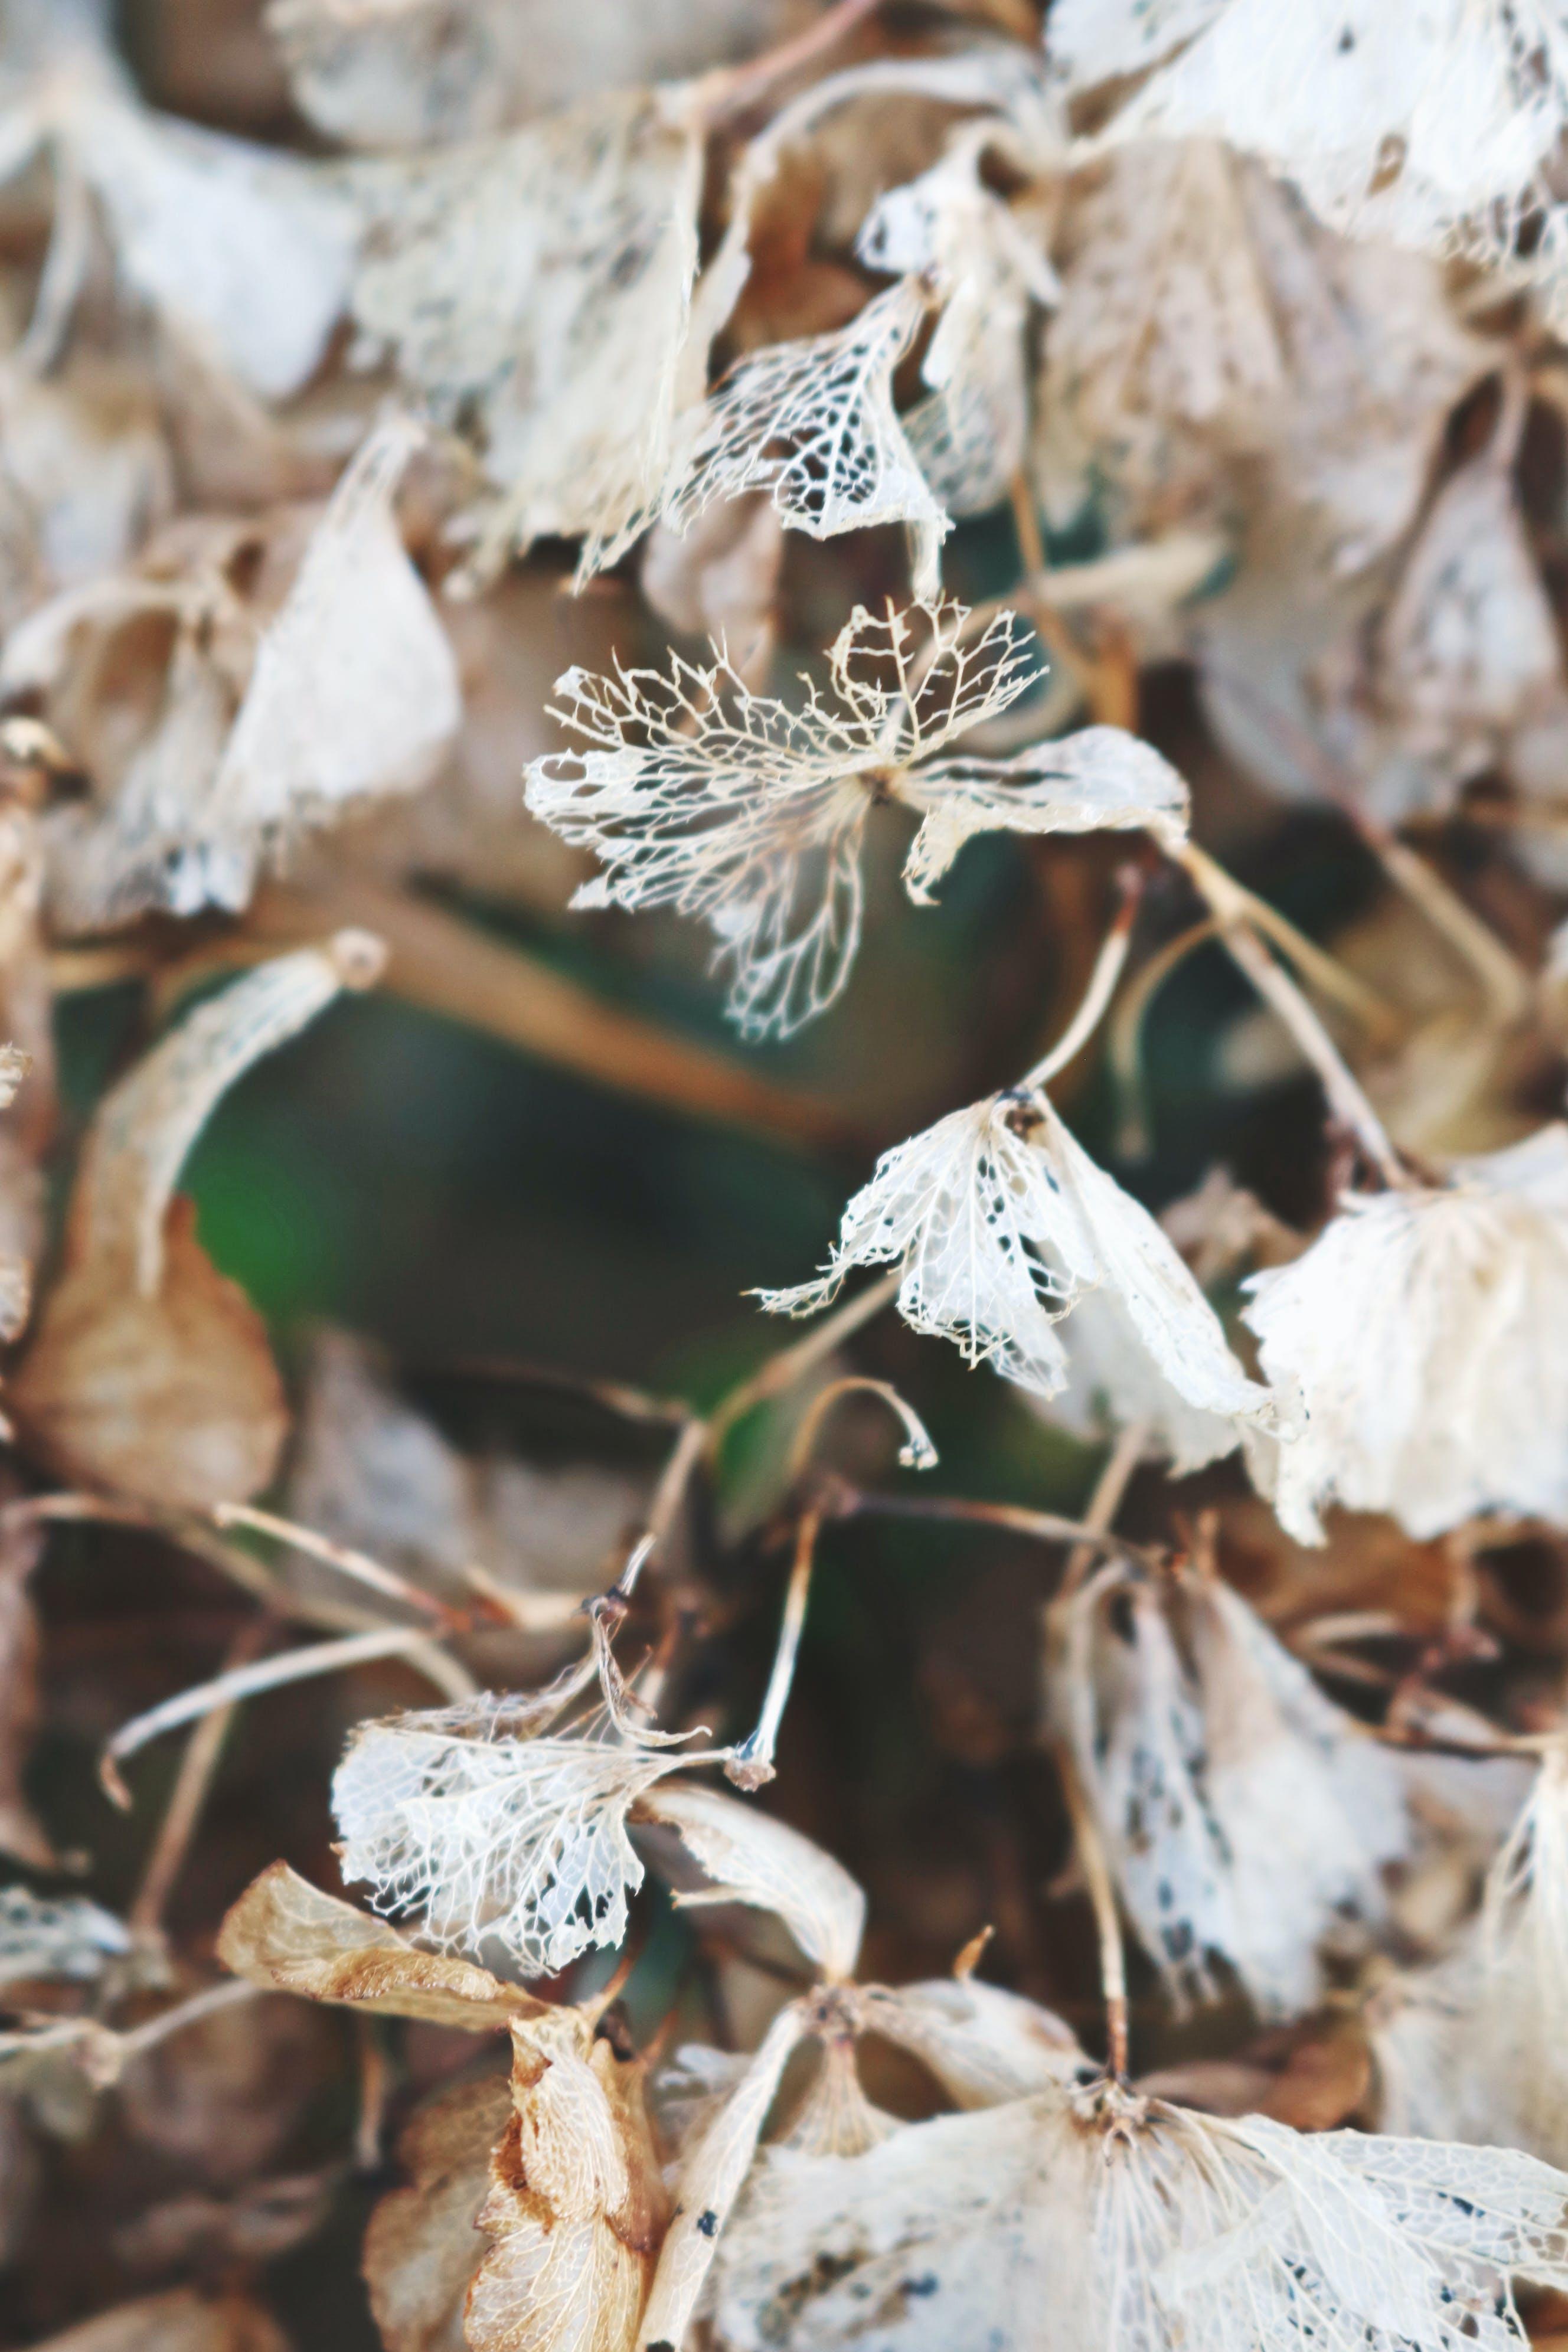 açık hava, bitki, bozulan, bulanık arka plan içeren Ücretsiz stok fotoğraf